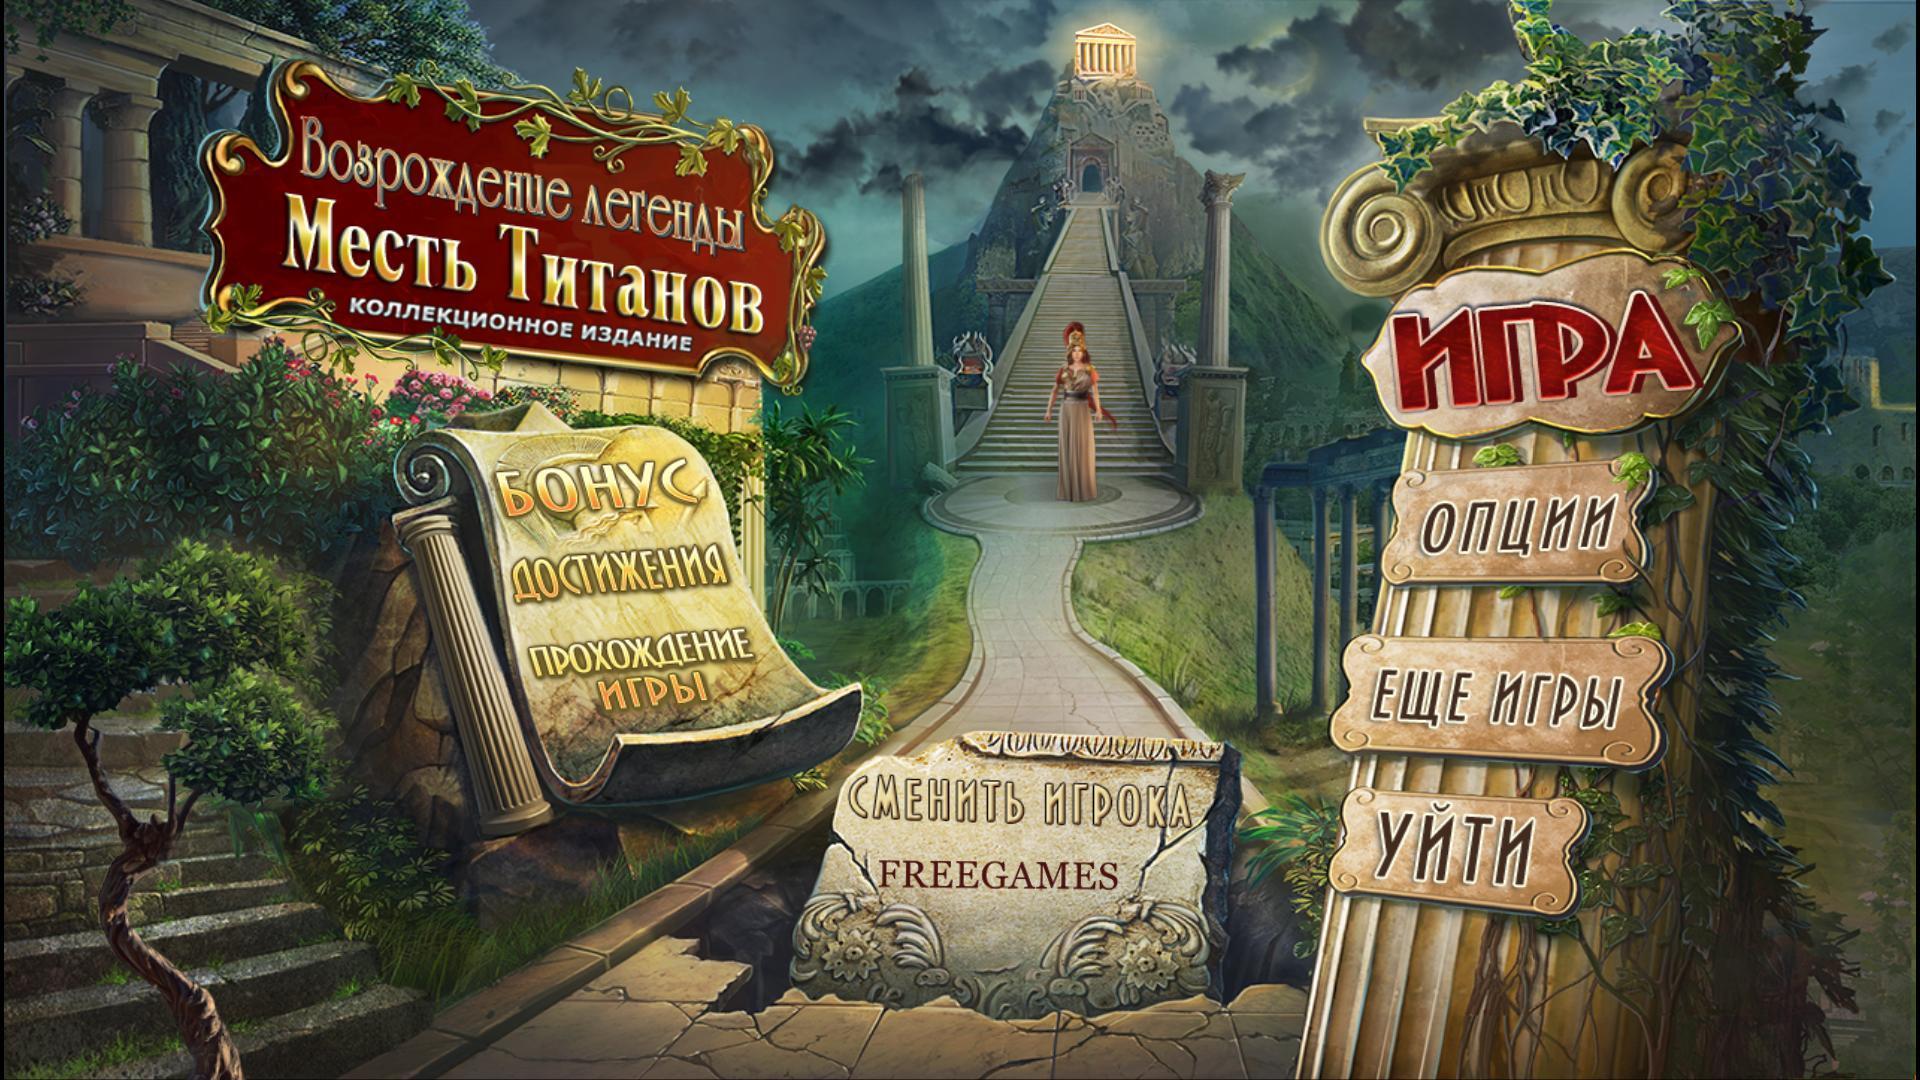 Возрождение легенды 2: Mесть титанов. Коллекционное издание | Revived Legends 2: Titan's Revenge CE (Rus)